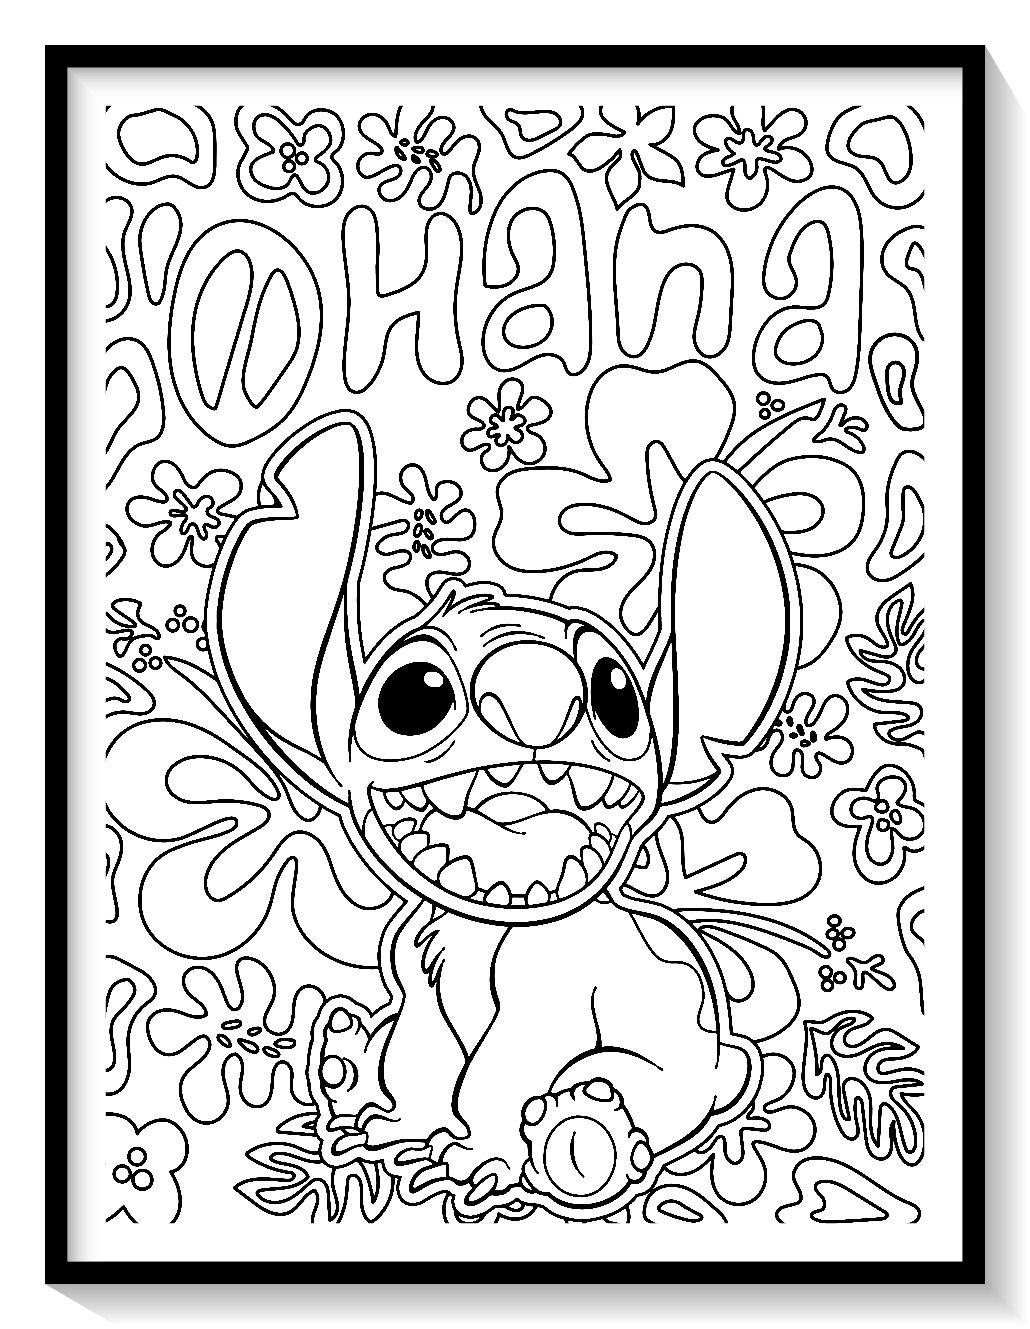 Pin on Dibujos de LILO Y STITCH para Colorear